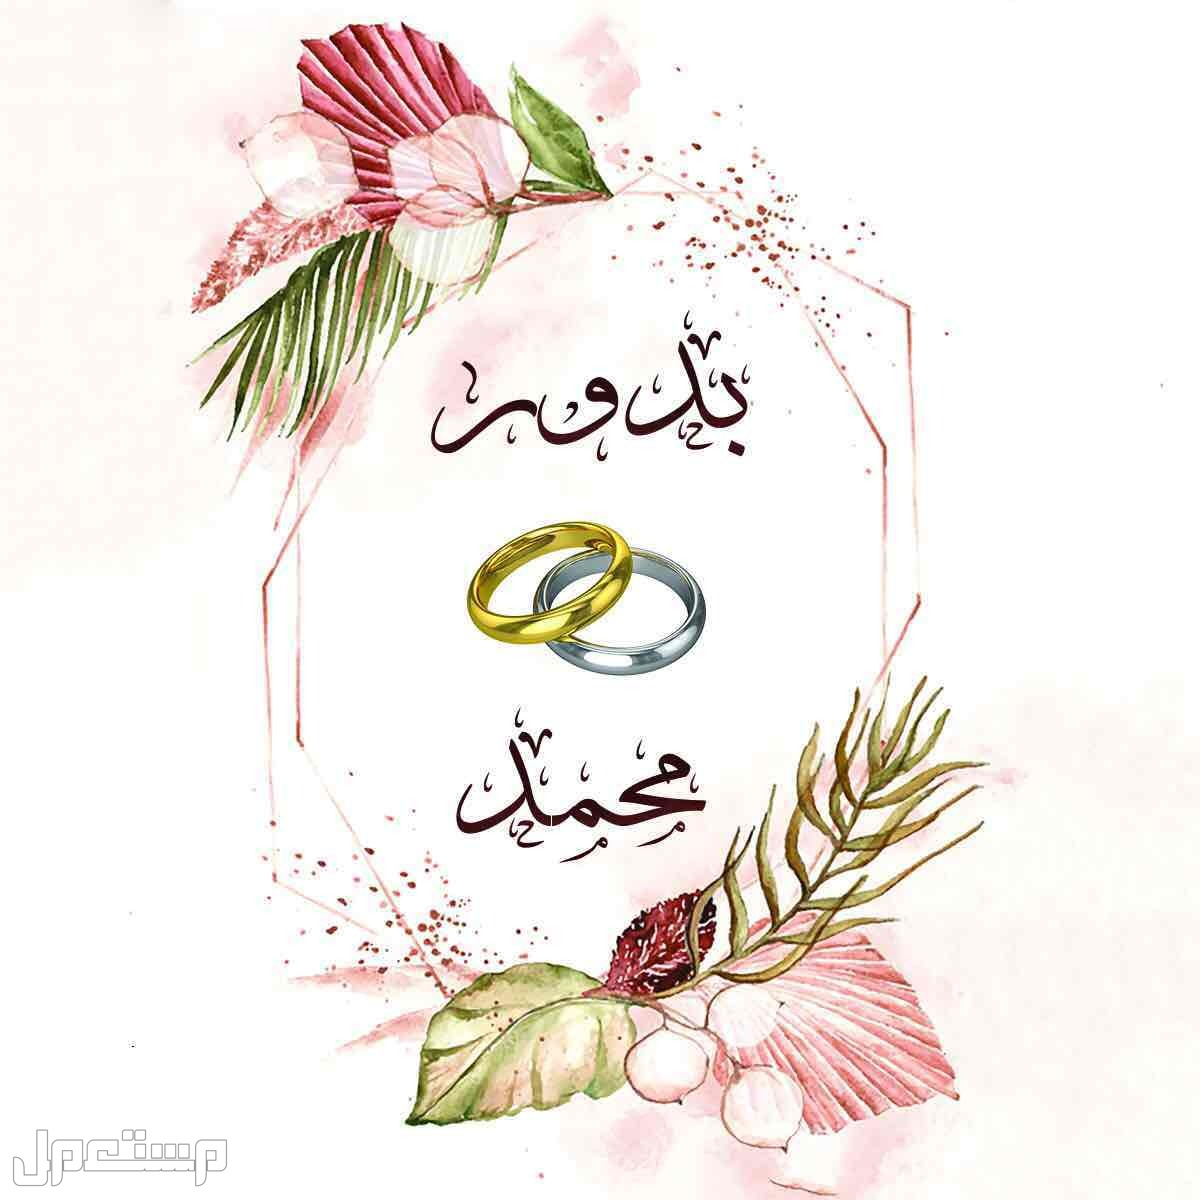 ثيمات حفلات الزواج والتخرج والمواليد والتاغات الاكريلك